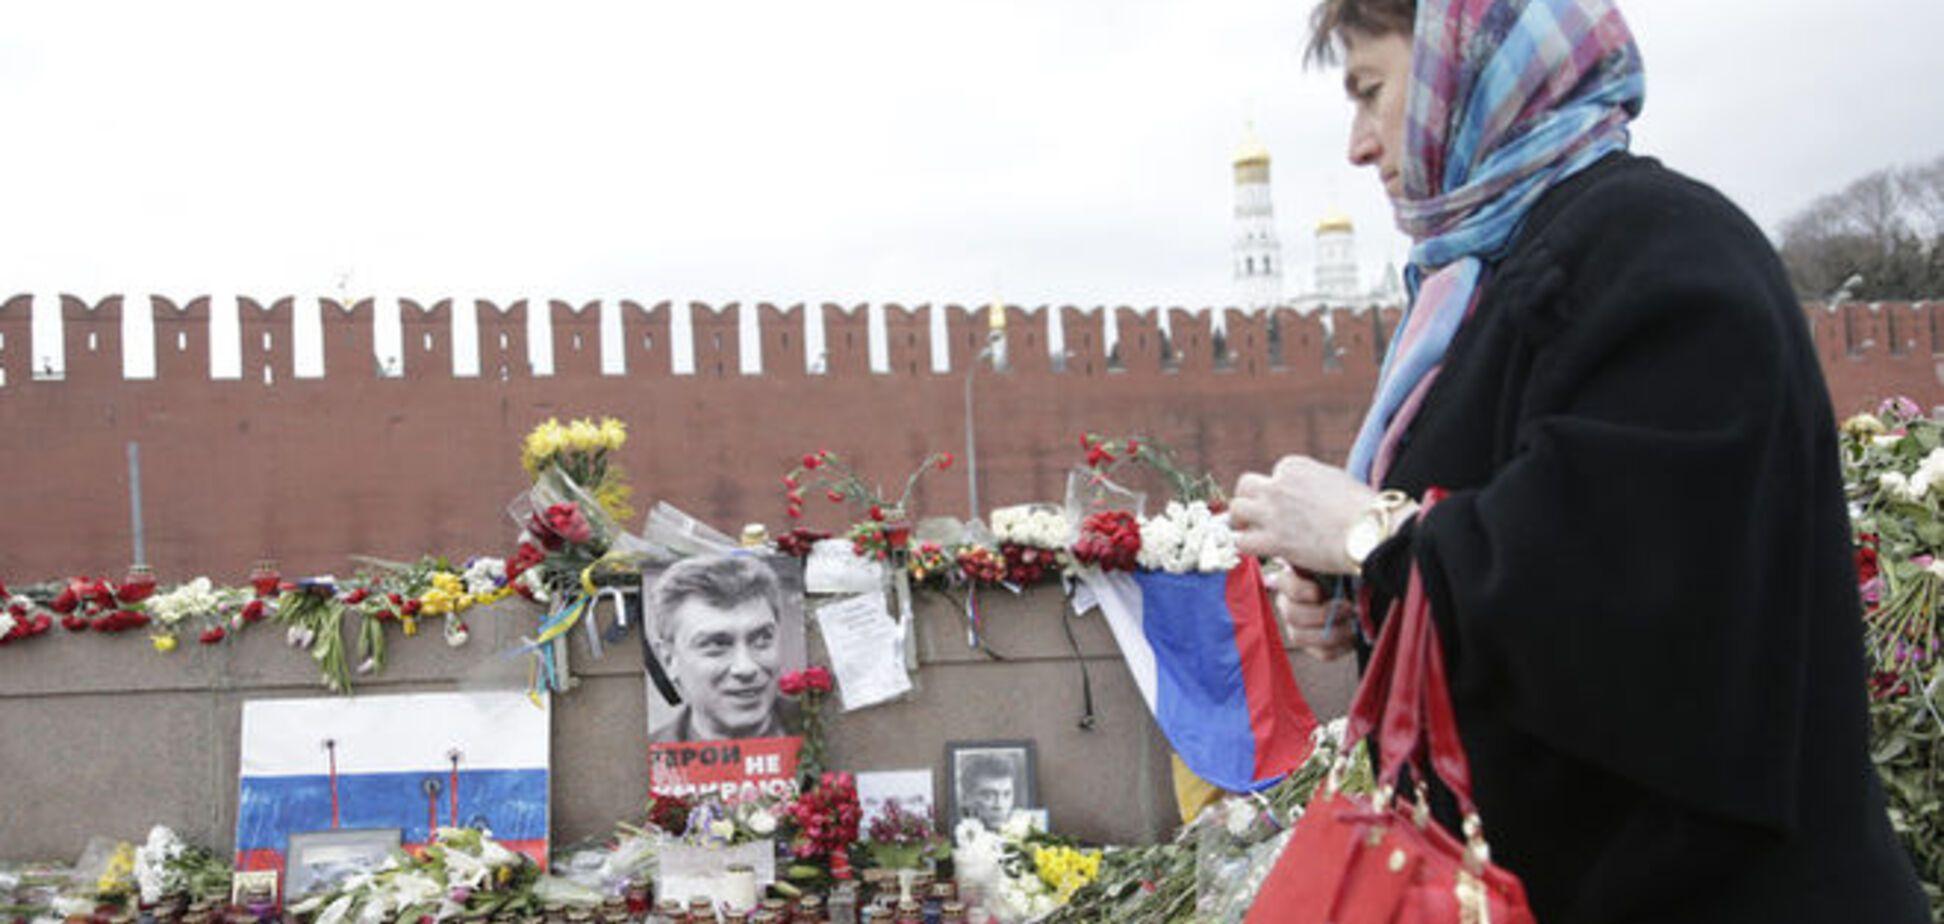 Следствие уже считает убийство Немцова заказным